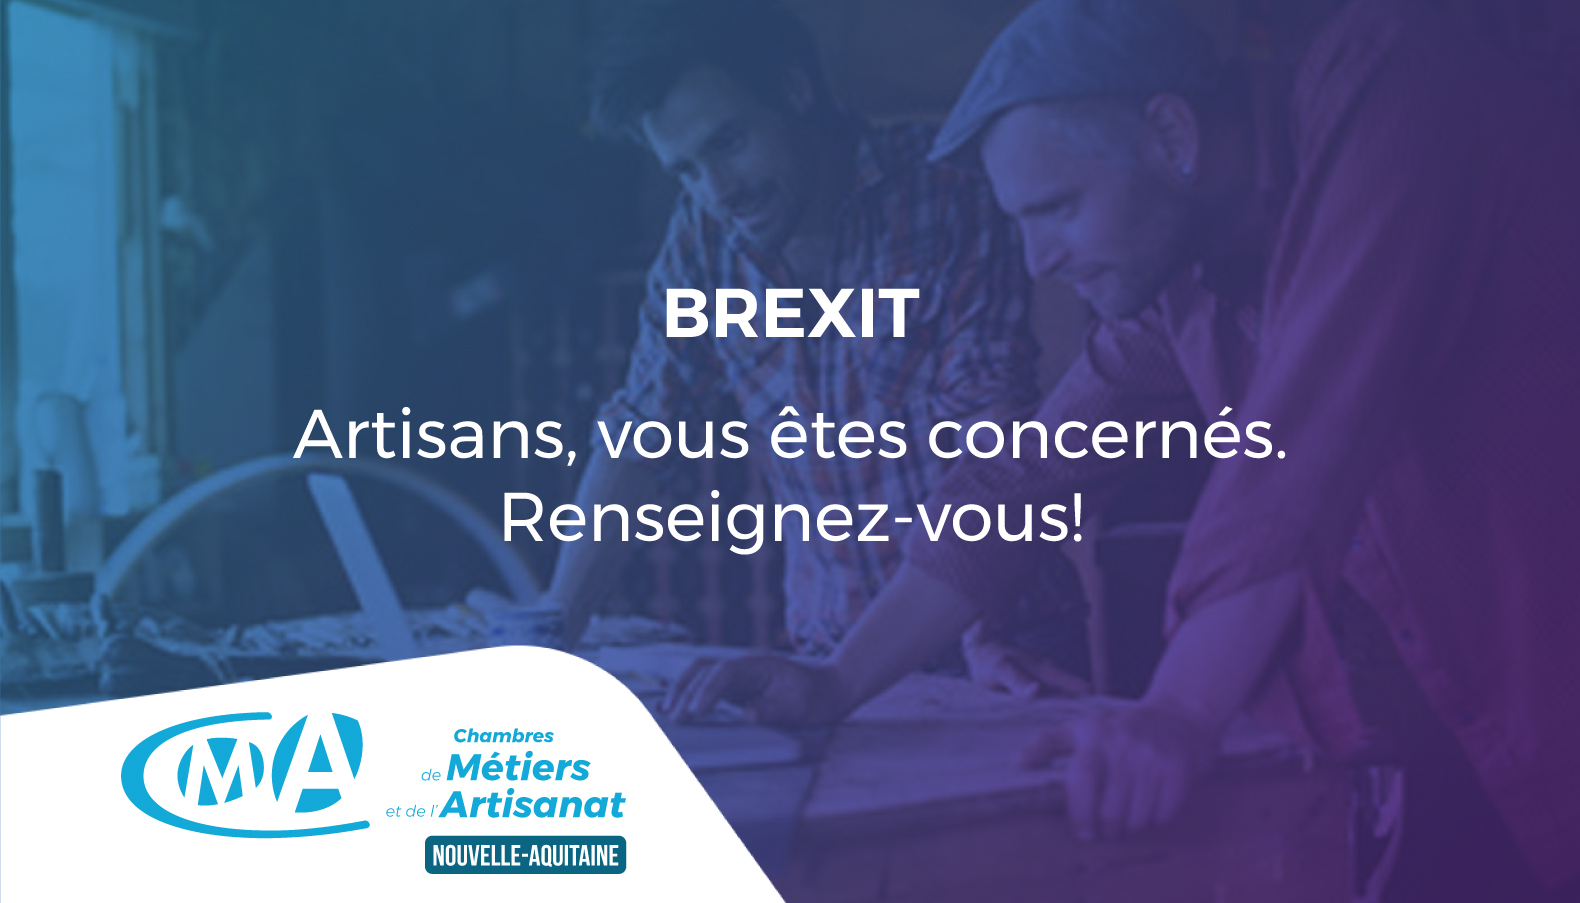 BREXIT : Artisans, vous êtes concernés !